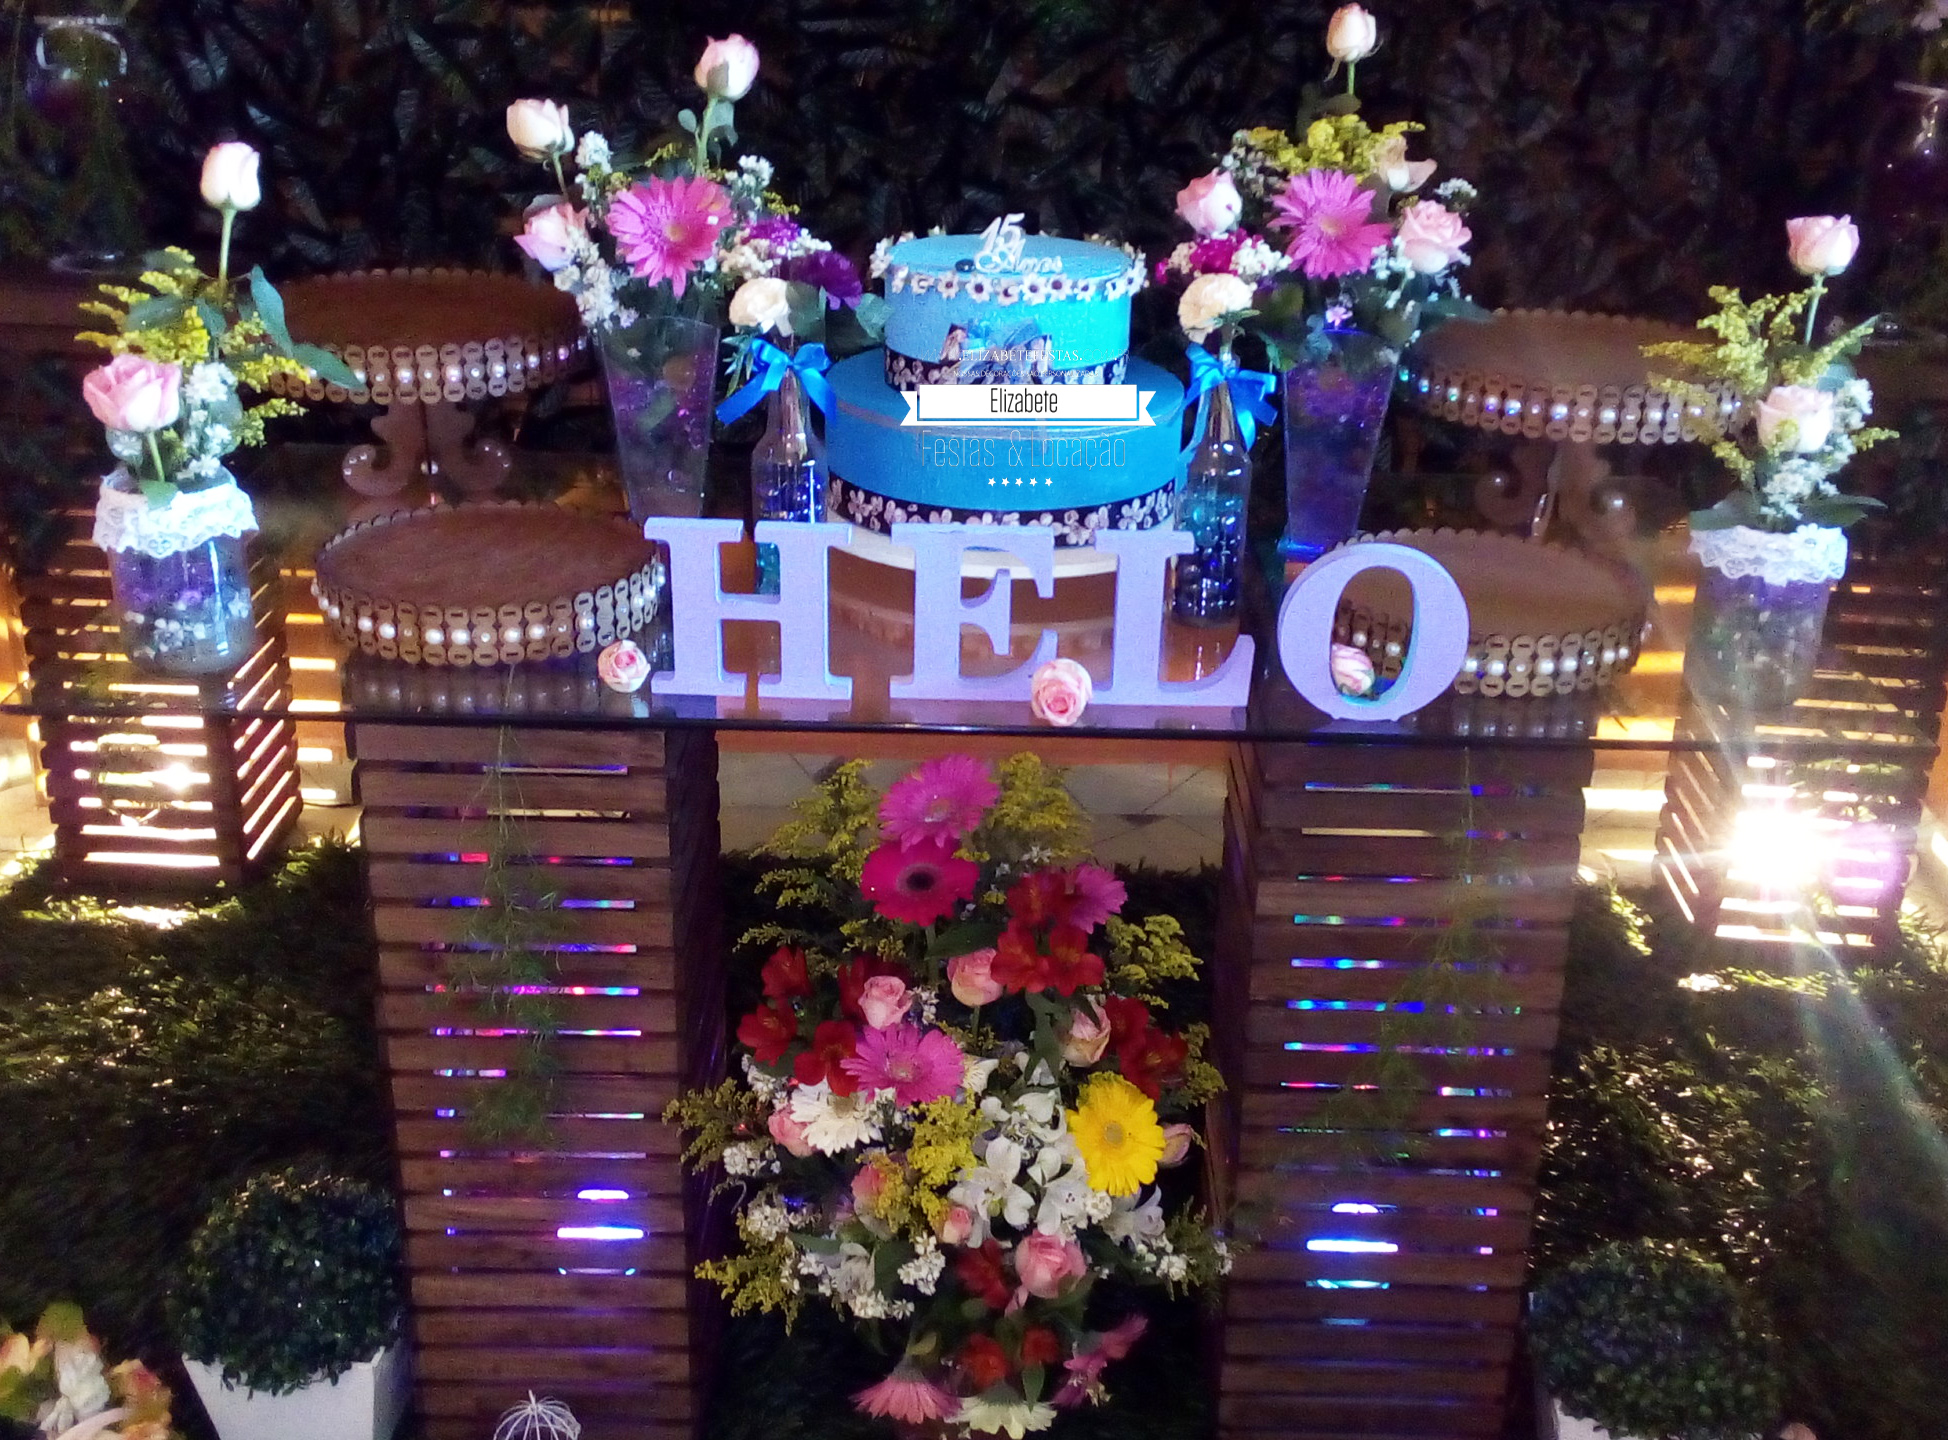 Arquivo de Aniversário de 15 Anos Elizabete Festas Decoraç u00e3o& Locaç u00e3o -> Decoração De Zebra Para Aniversario